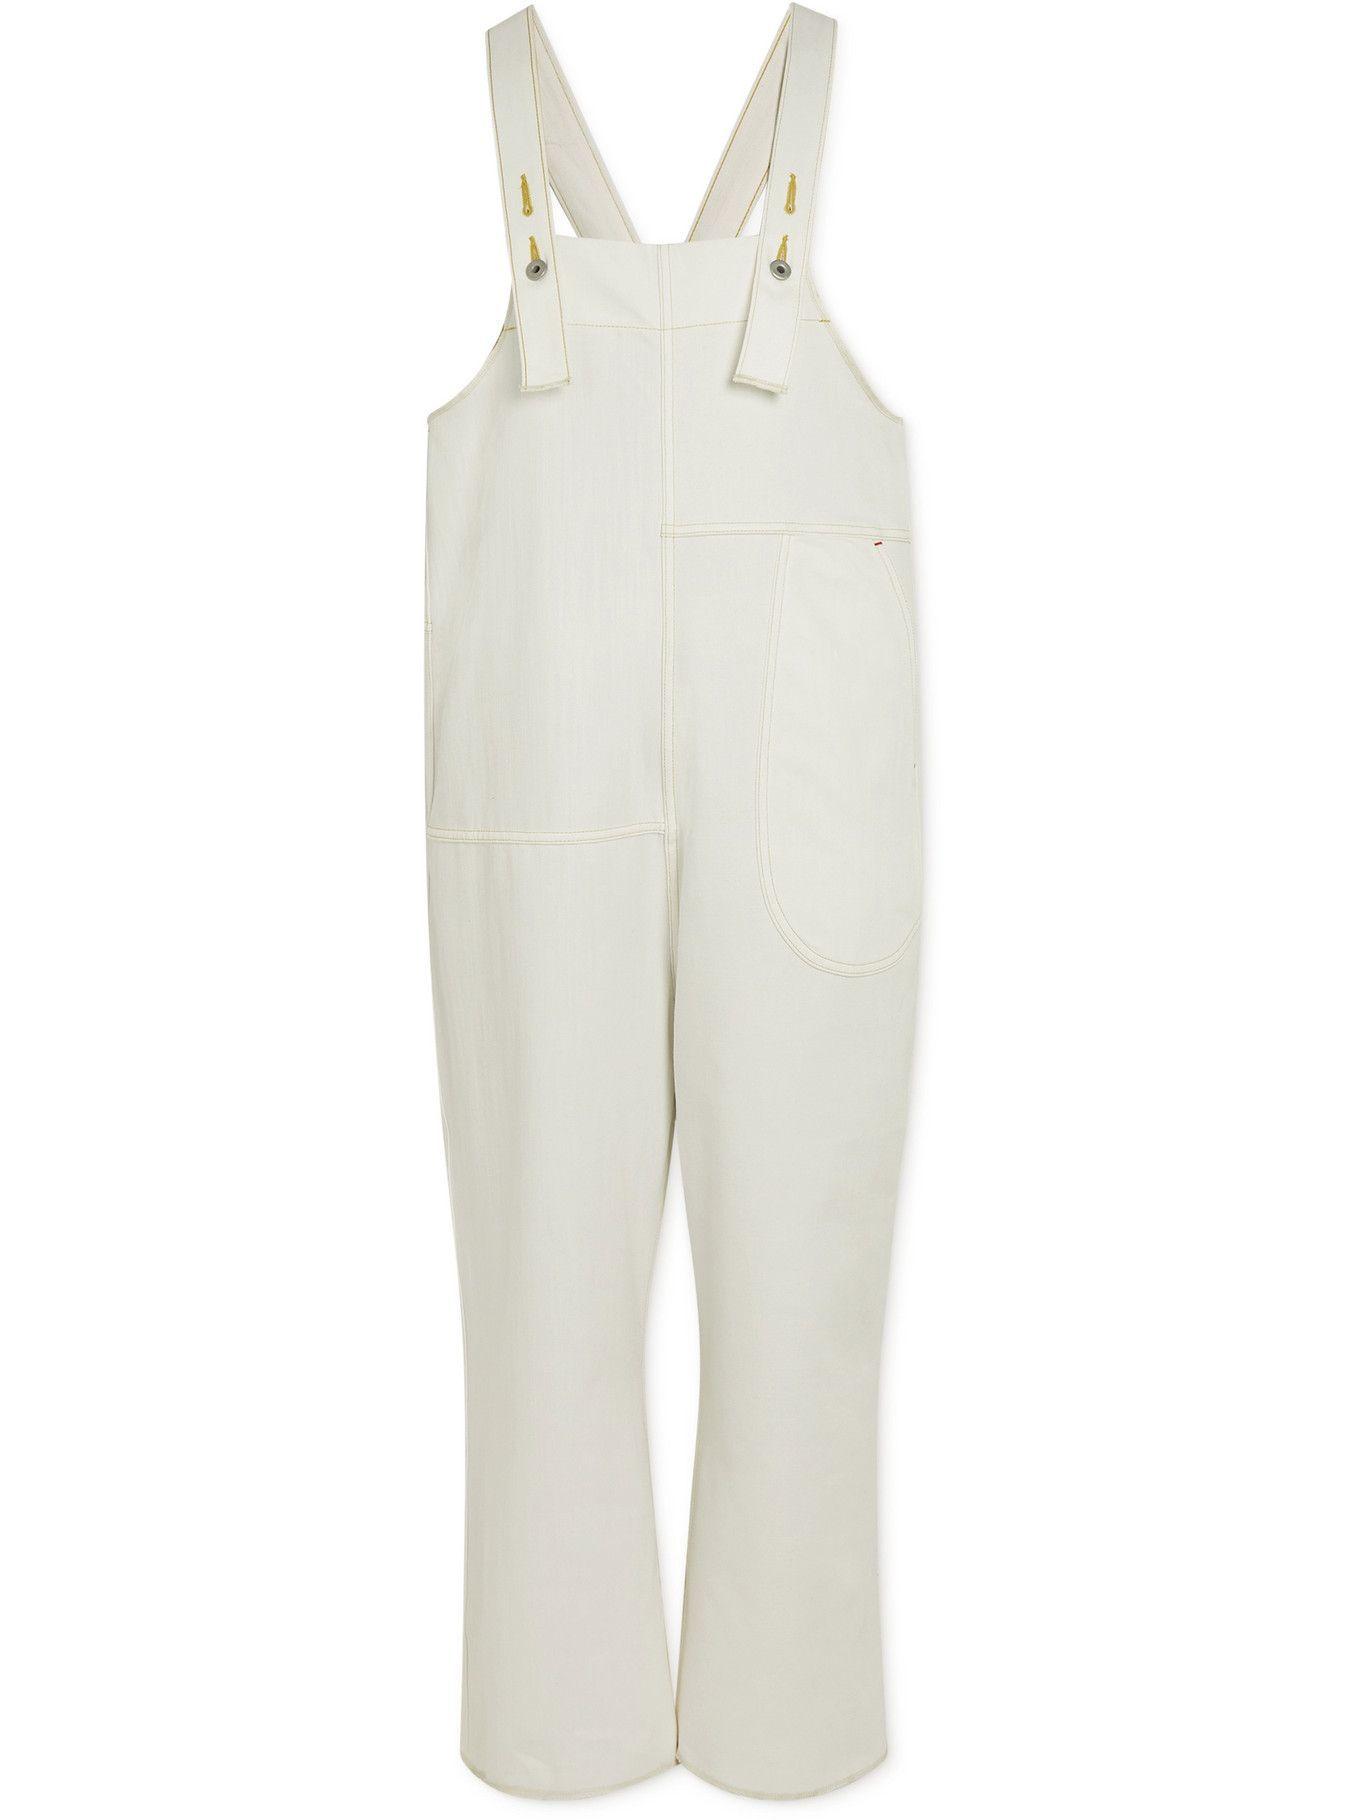 KAPITAL - Mottainai Wide-Leg Cropped Denim Overalls - White